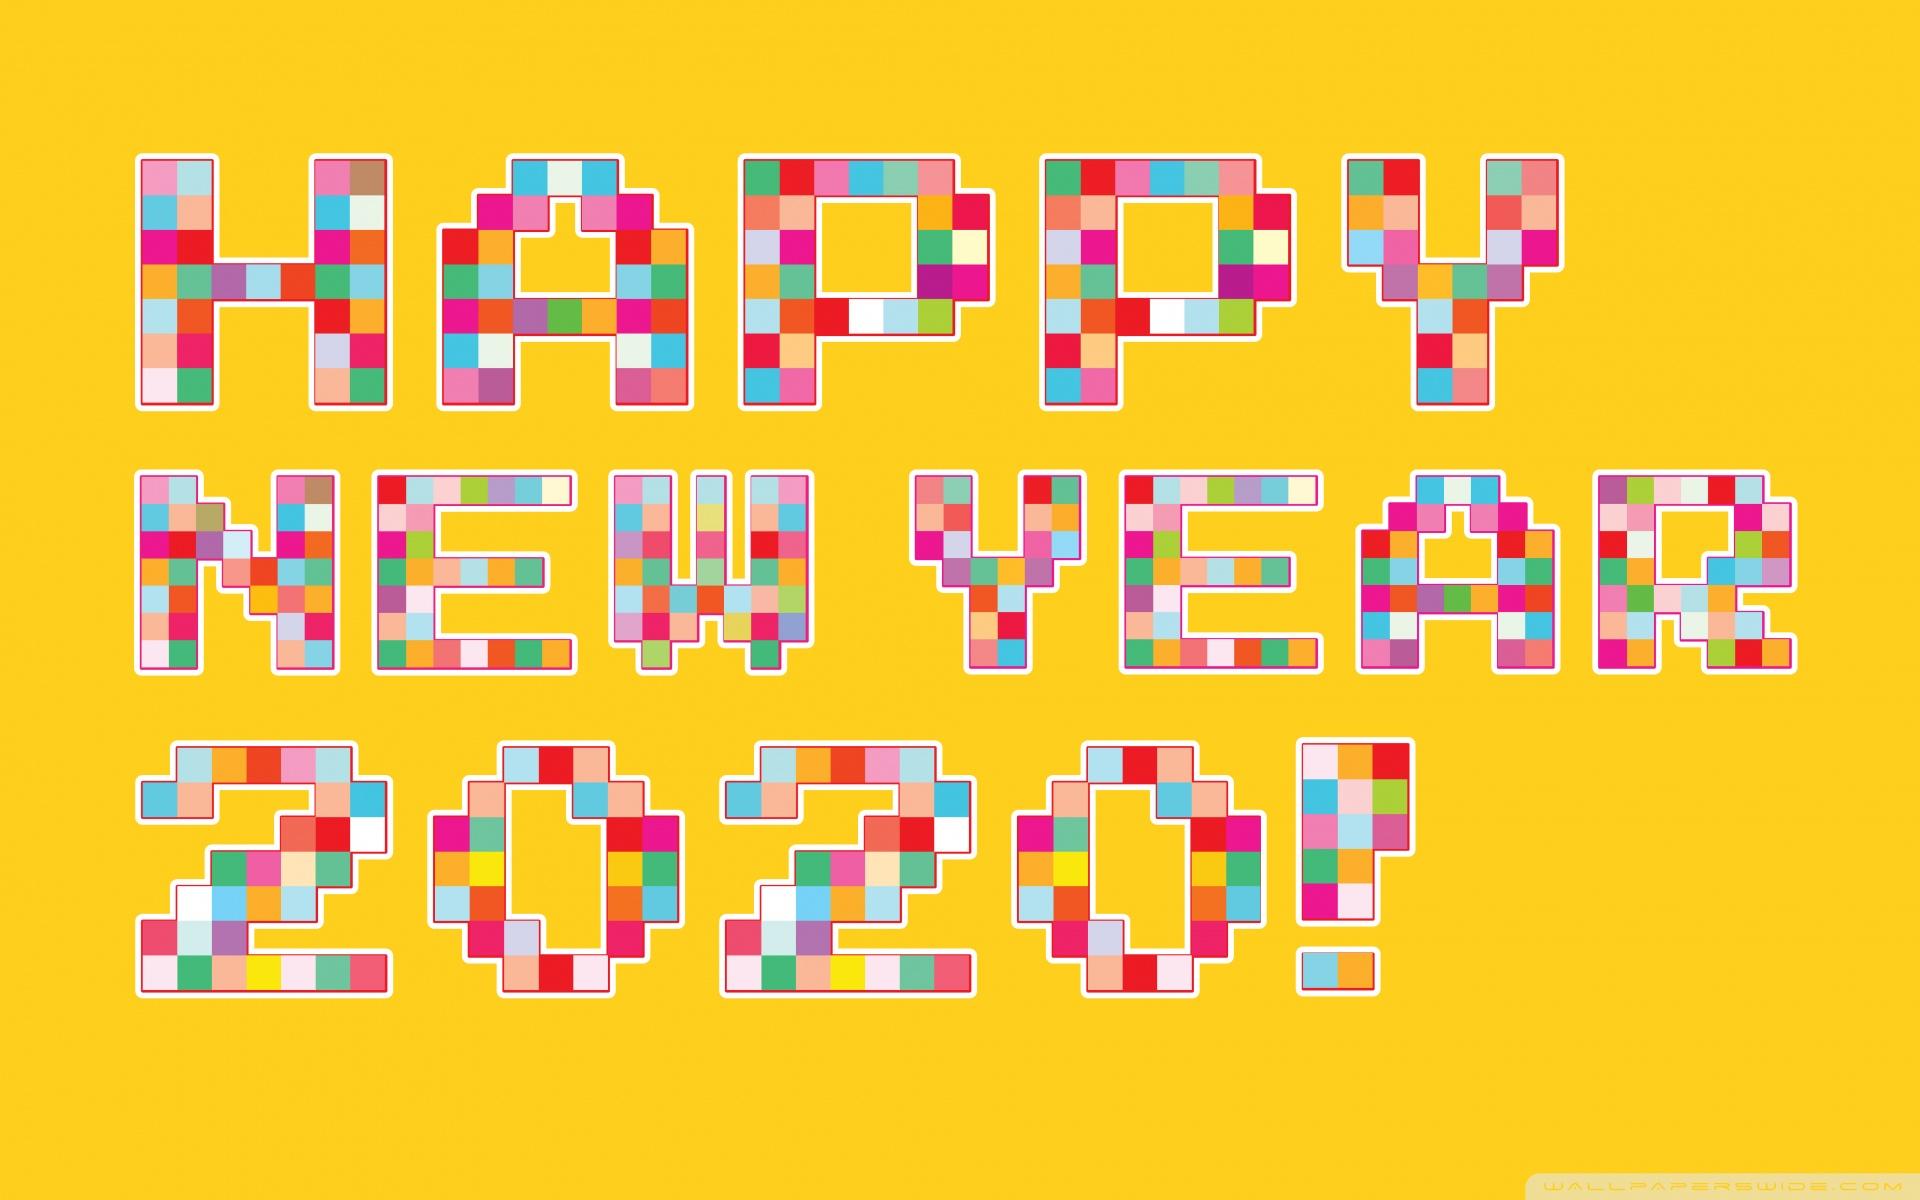 Happy New Year 2020 Pixel Art 4K HD Desktop Wallpaper for 4K 1920x1200